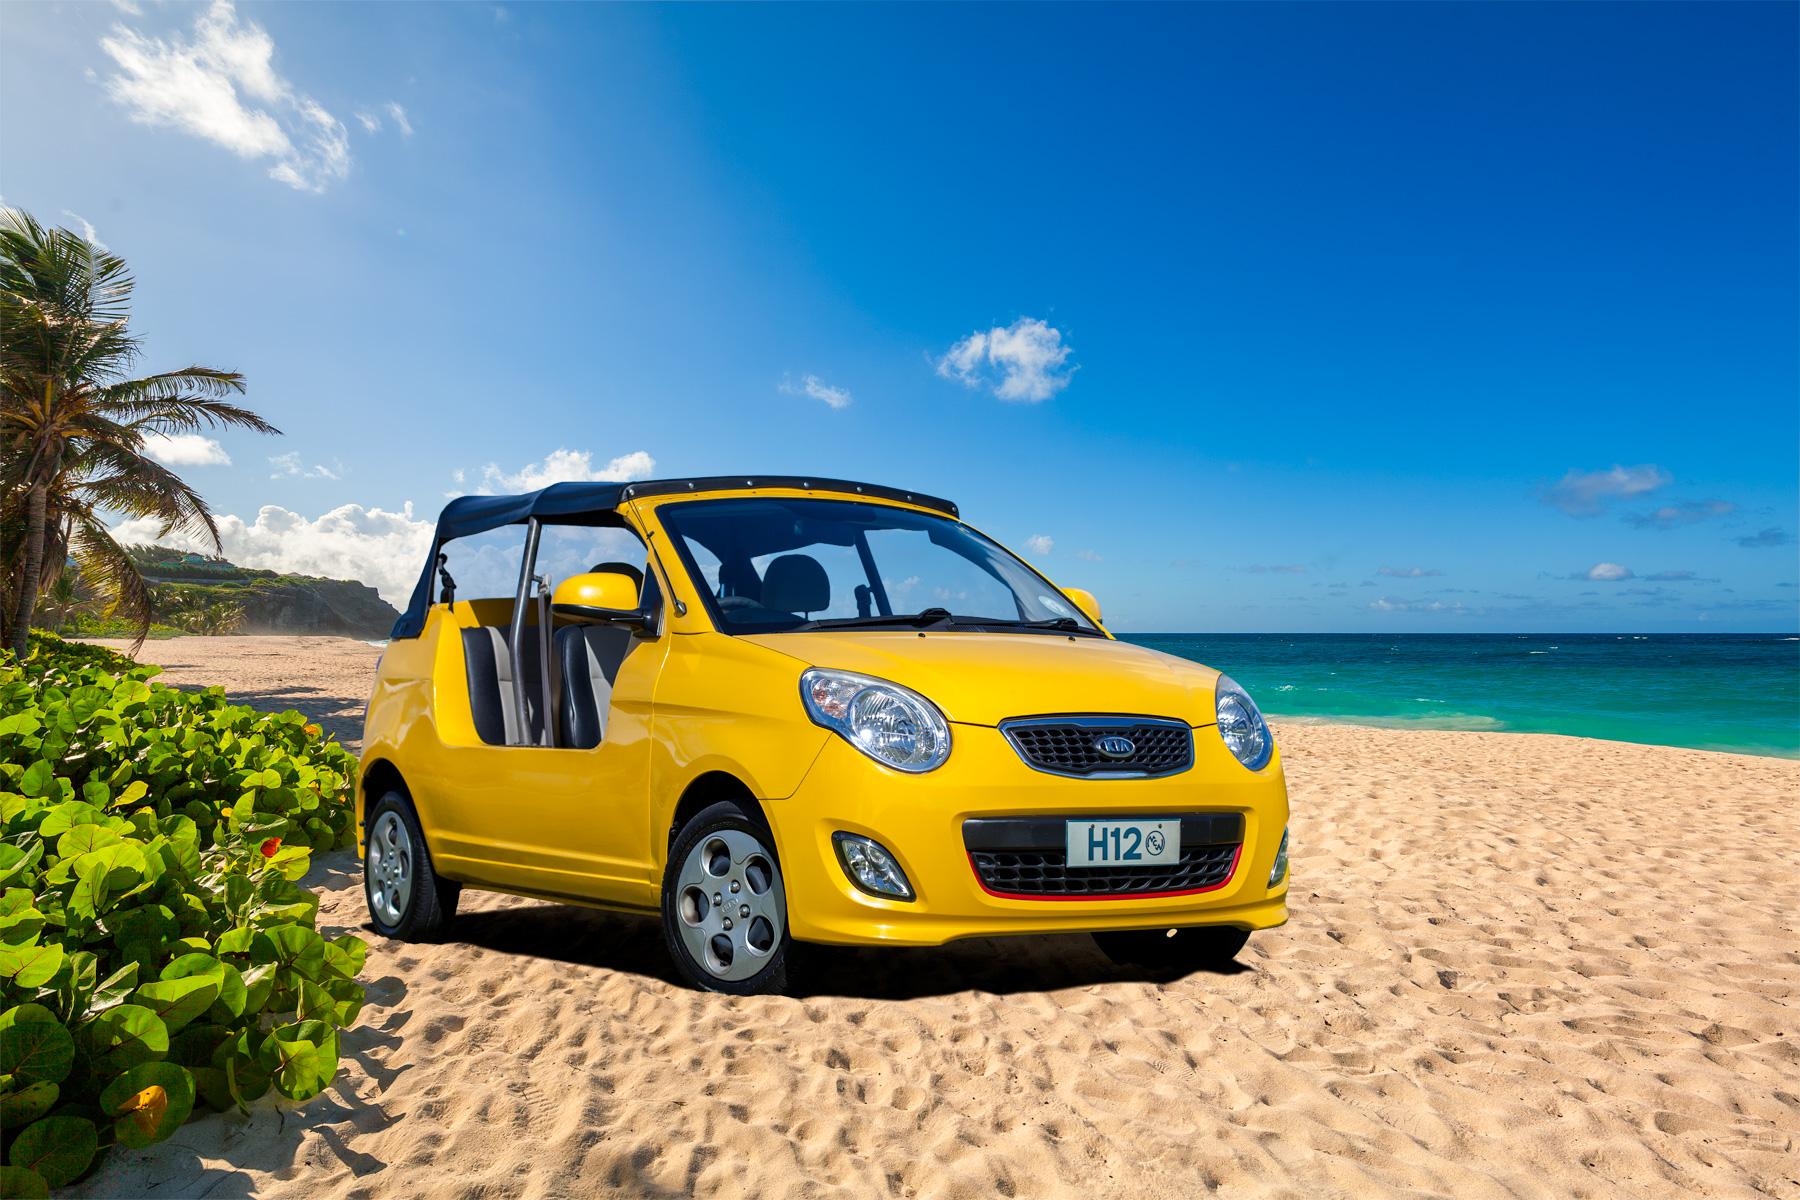 Hire A Kia Moke Moke Etan In Barbados From Stoutes Car